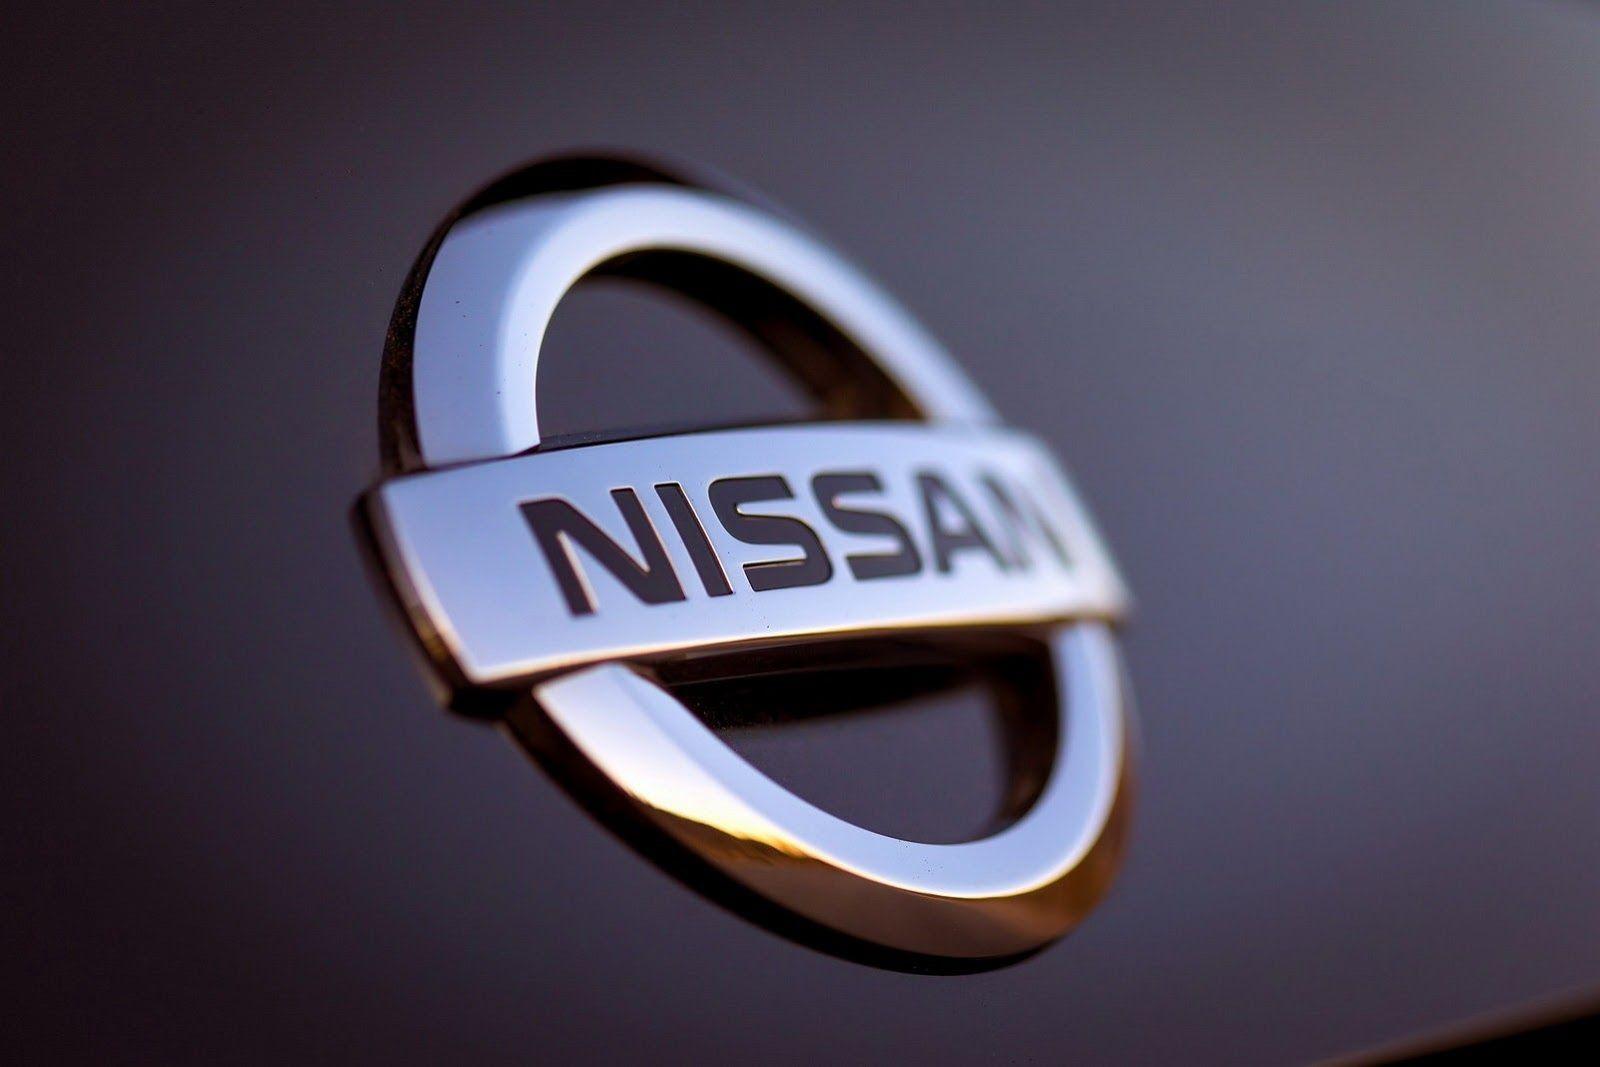 Ниссан отзовет еще 38 тыс. машин из-за скандала вокруг неквалифицированности рабочих